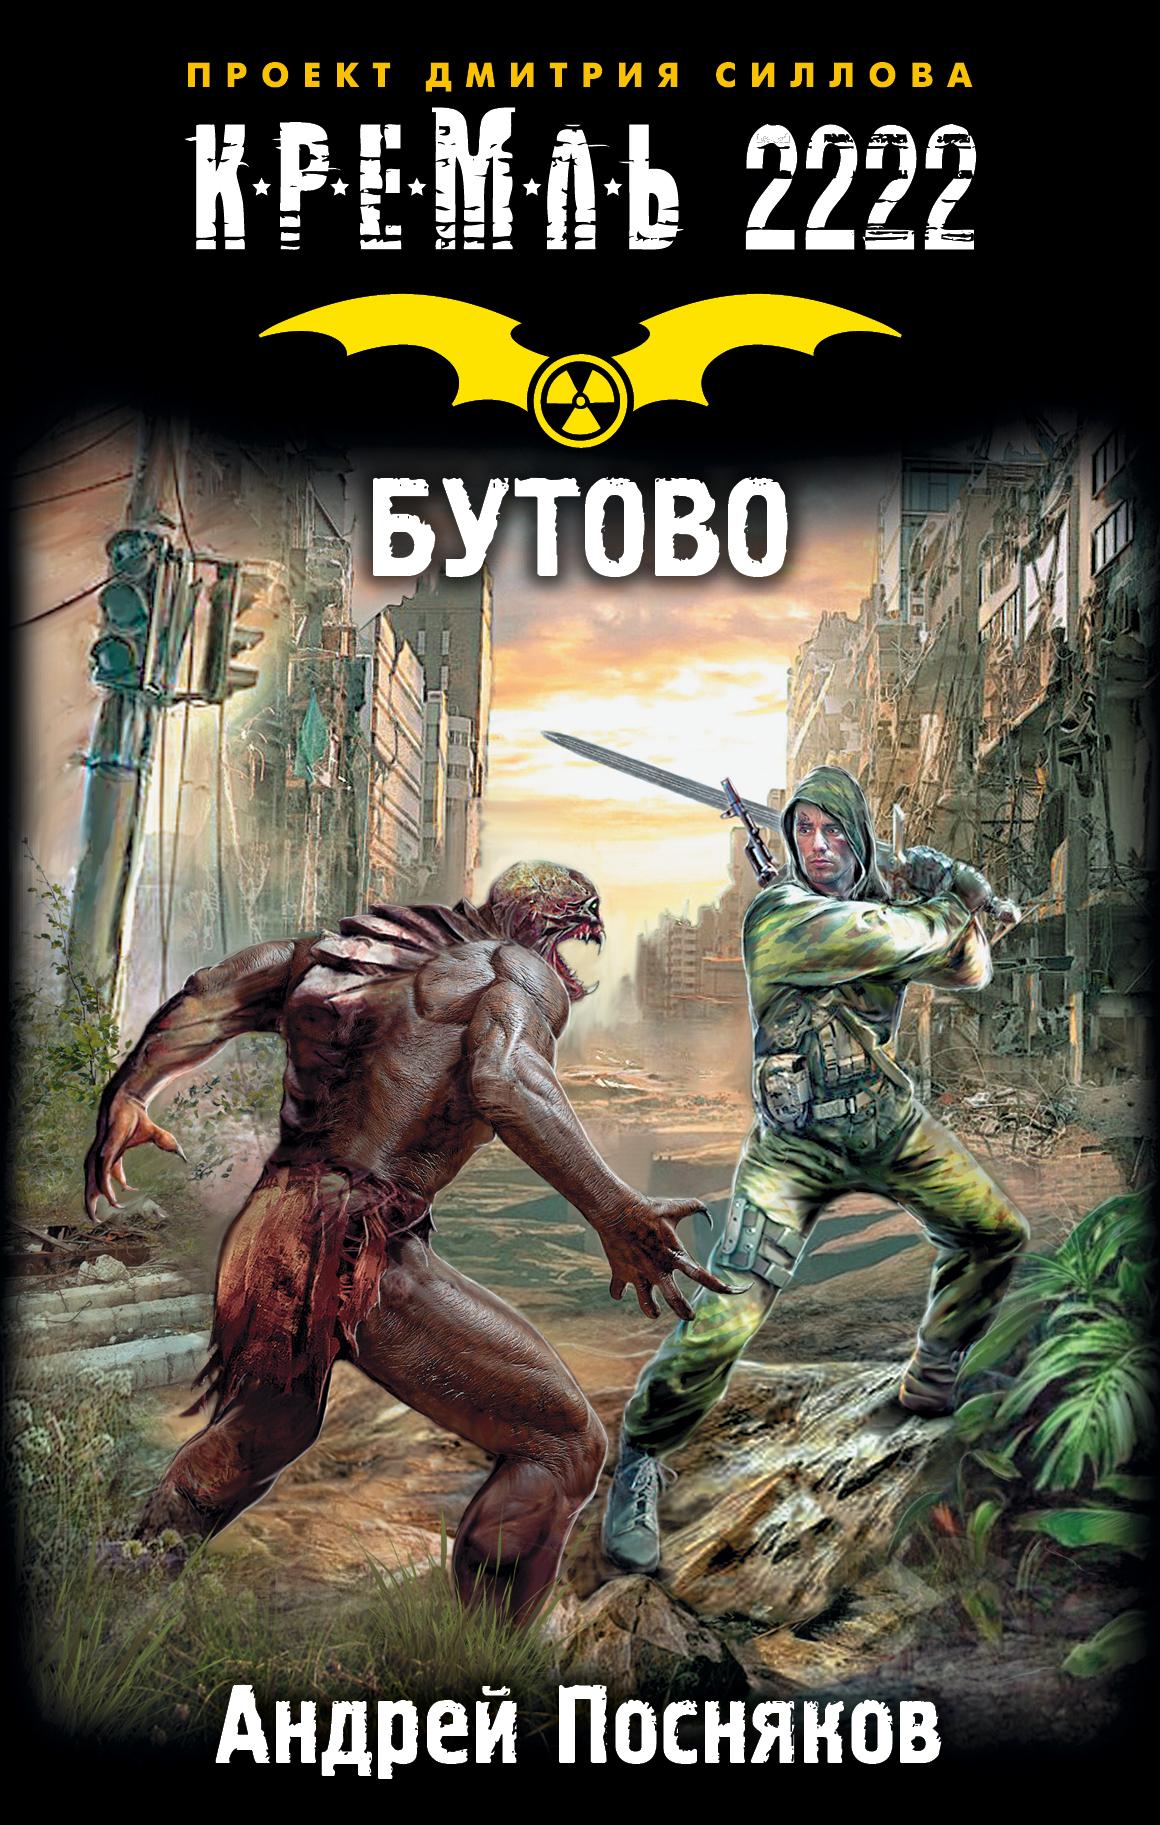 Посняков А.А. Кремль 2222. Бутово литературная москва 100 лет назад